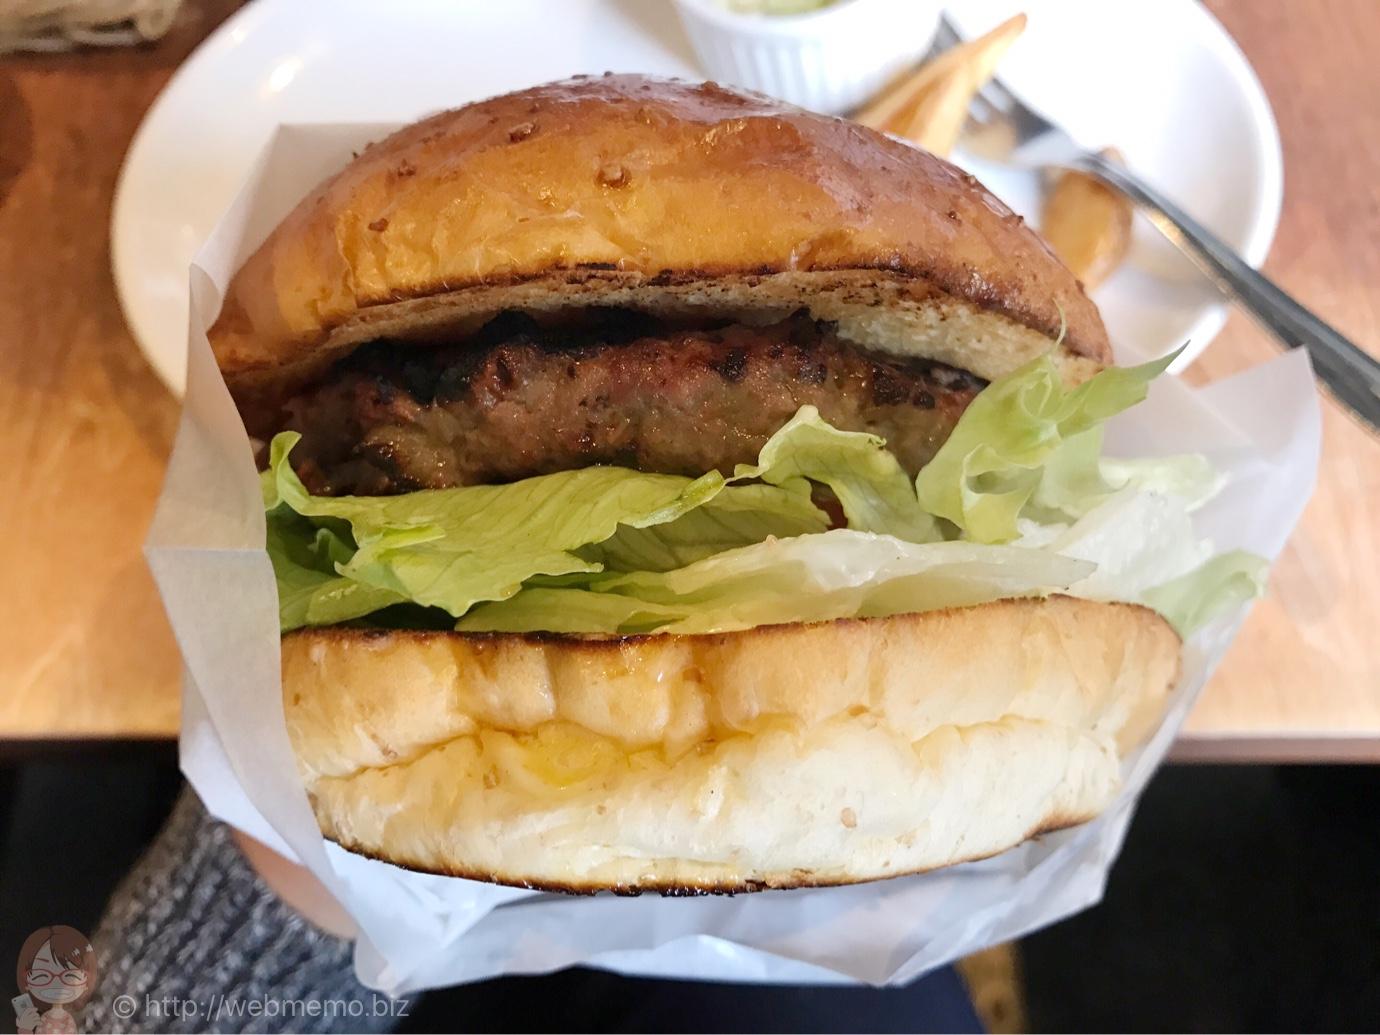 バーガー専門店「フェローズ」は開店前から行列!超ビッグ、肉の香ばしさが最強のハンバーガー